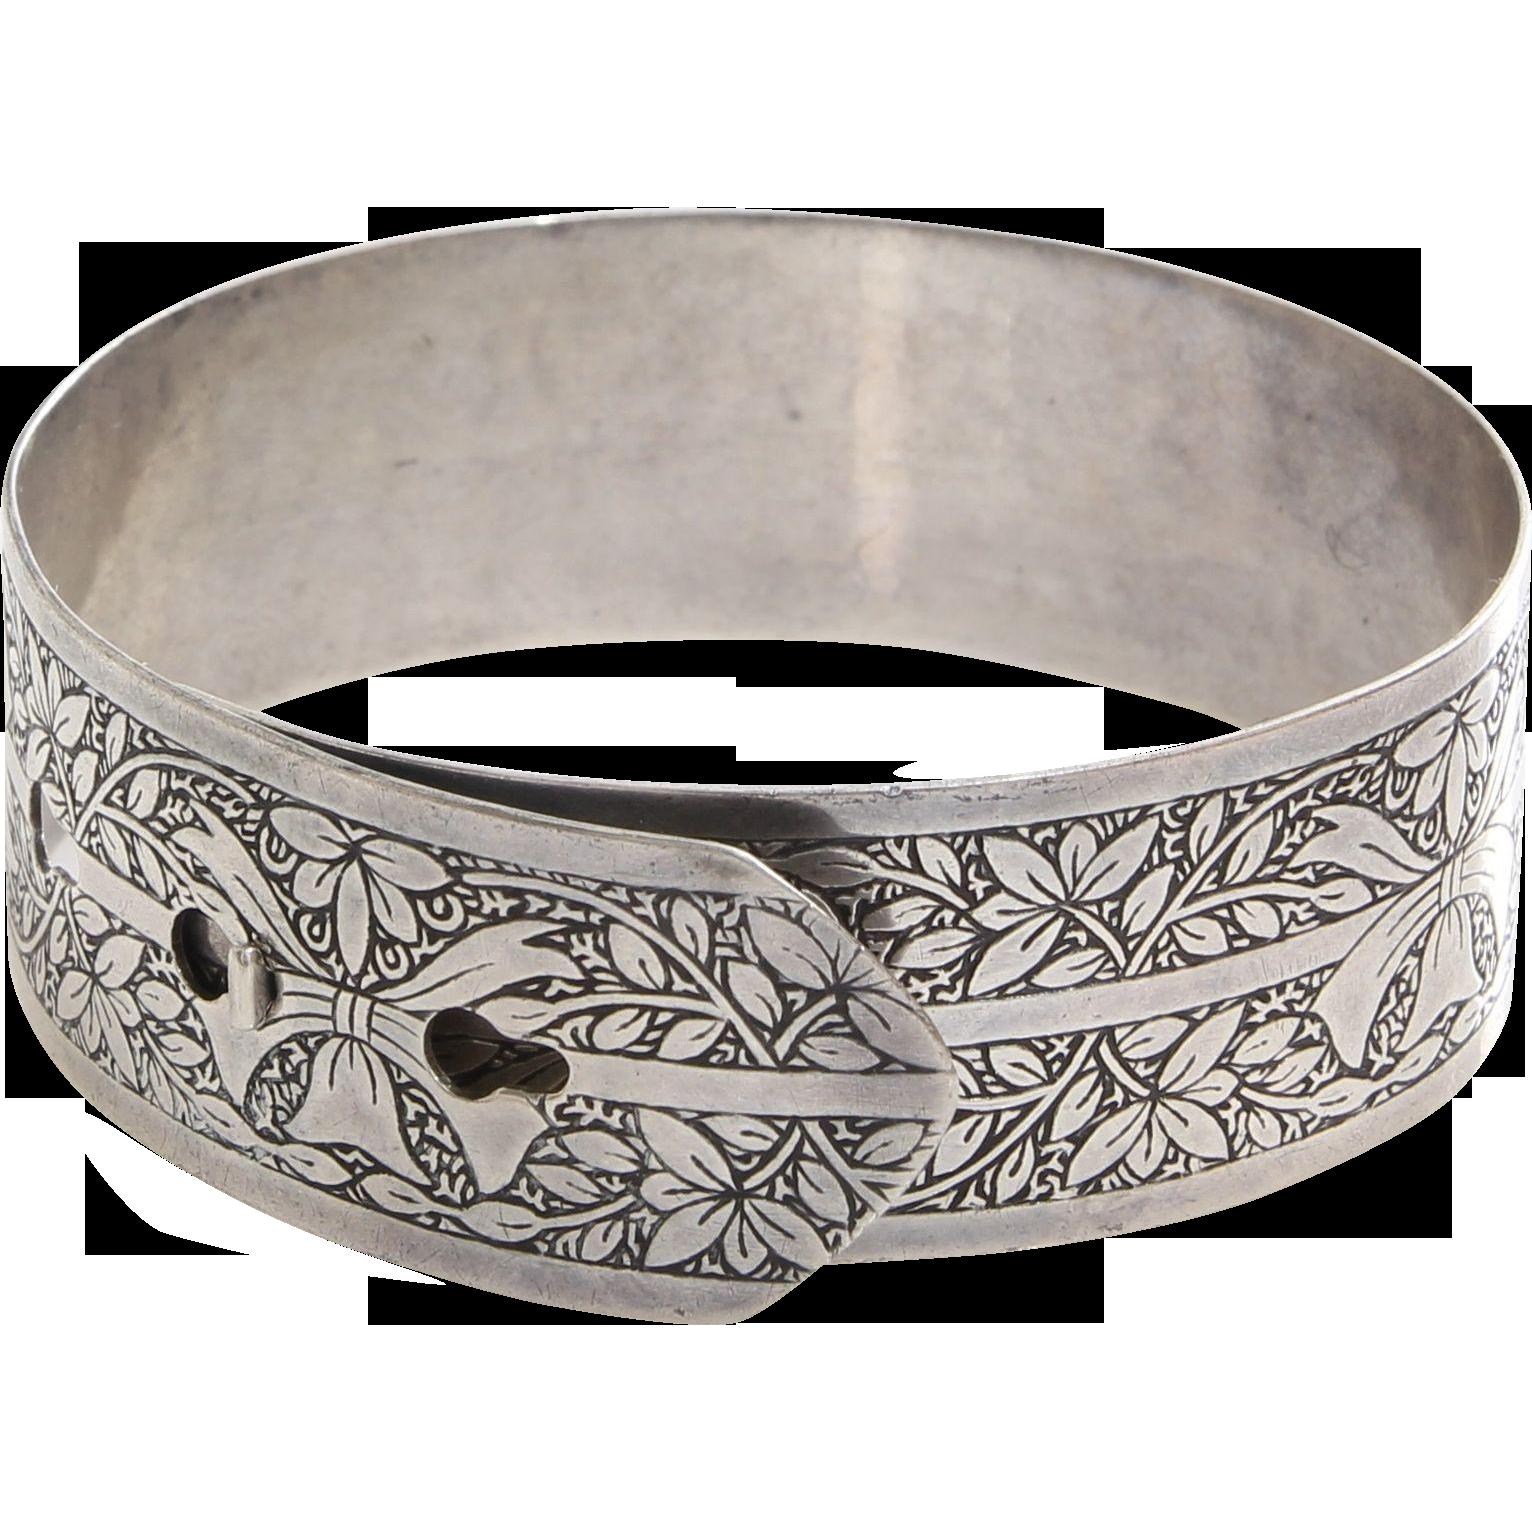 Belt Buckle Bangle Bracelet Charles Horner Sterling Silver Vintage The Gryphon S Nest Ruby Lane